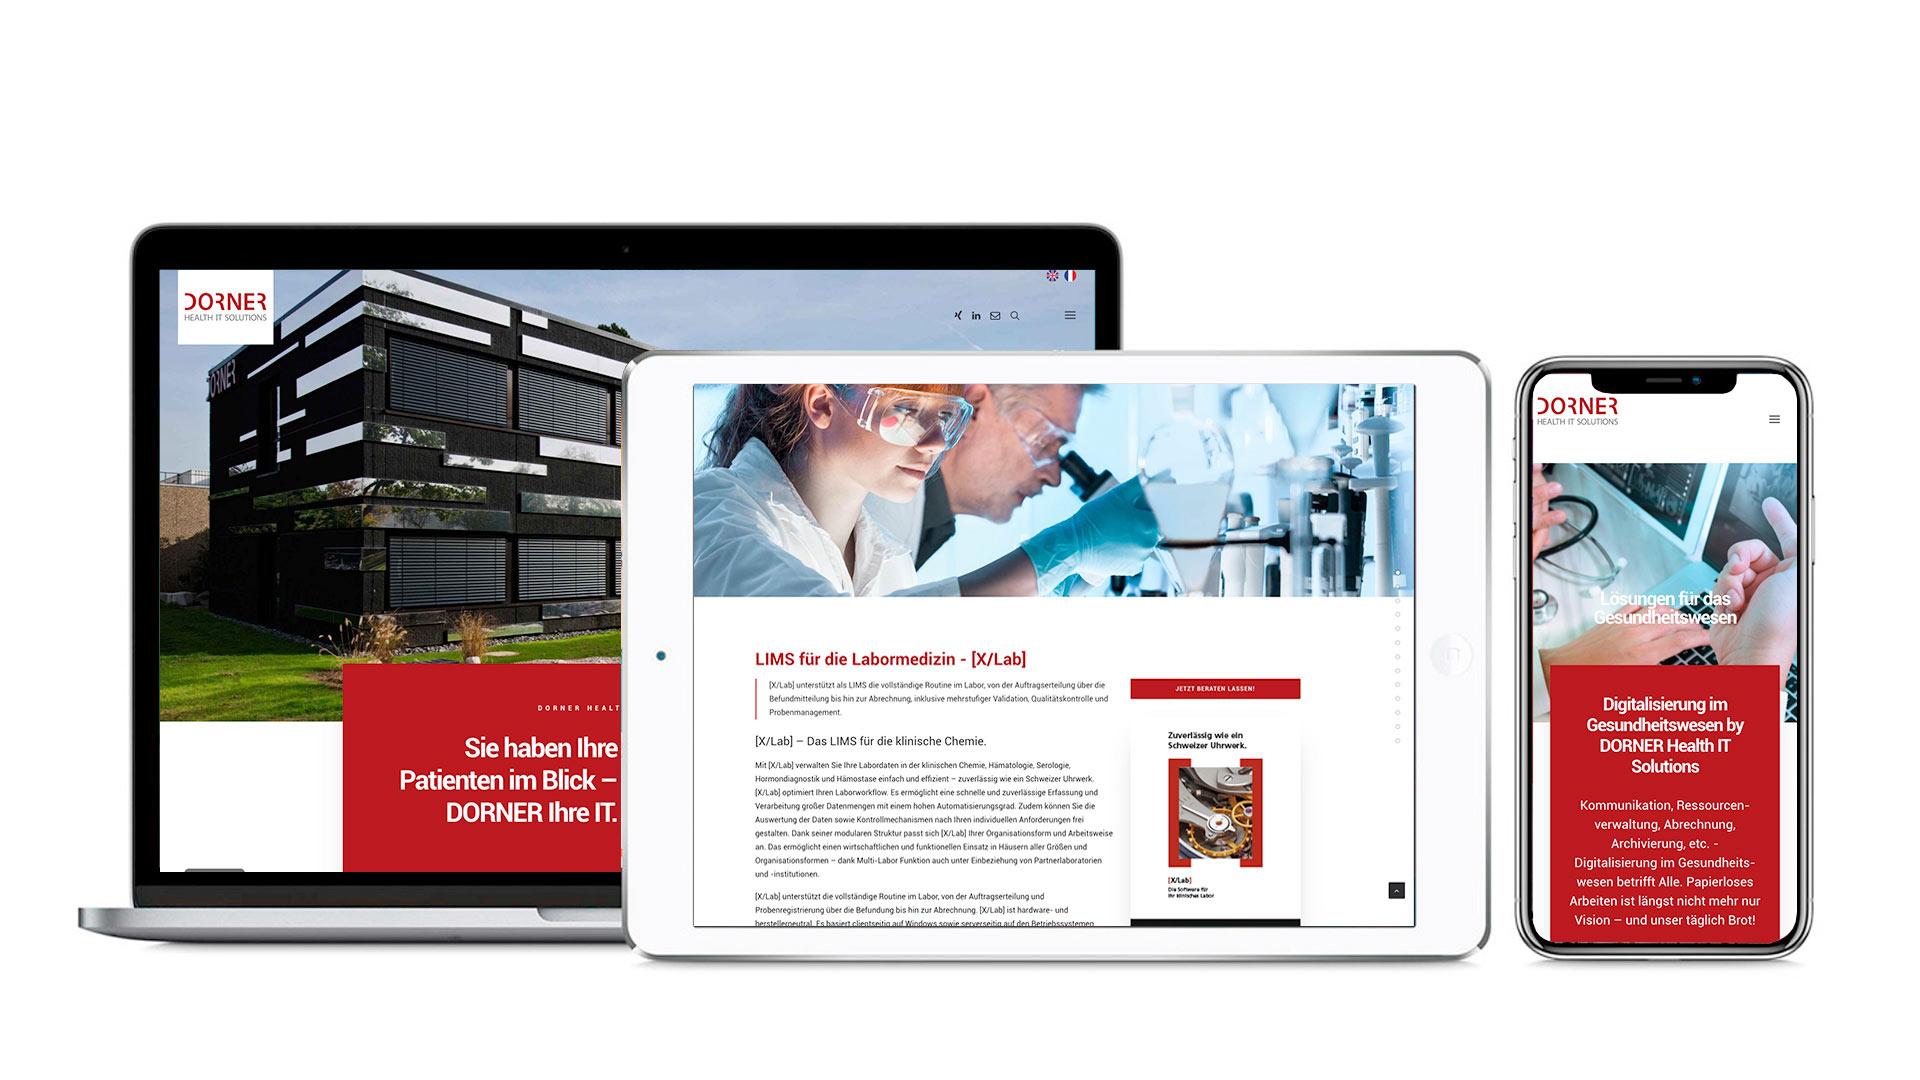 Ausschnitte der neuen Website für DORNER Health IT Solutions, entwickelt von Werbeagentur Schleiner und Partner Kommunikation